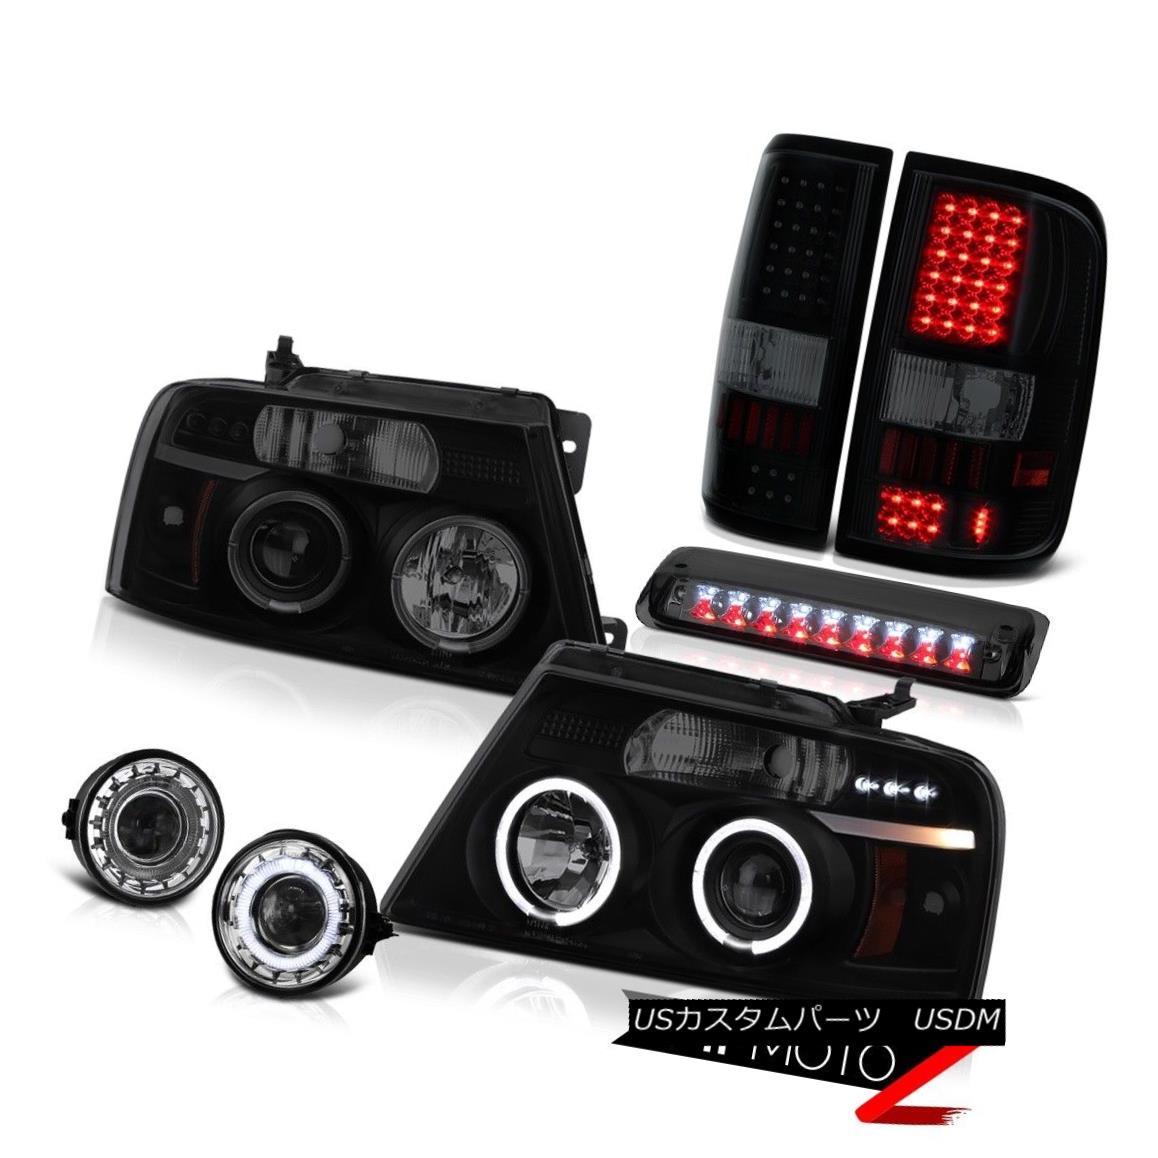 テールライト 2006-2008 Ford F150 XLT Chrome Foglamps Roof Cab Lamp Tail Lights Headlights SMD 2006-2008フォードF150 XLTクロームフォグランプルーフキャブランプテールライトヘッドライトSMD